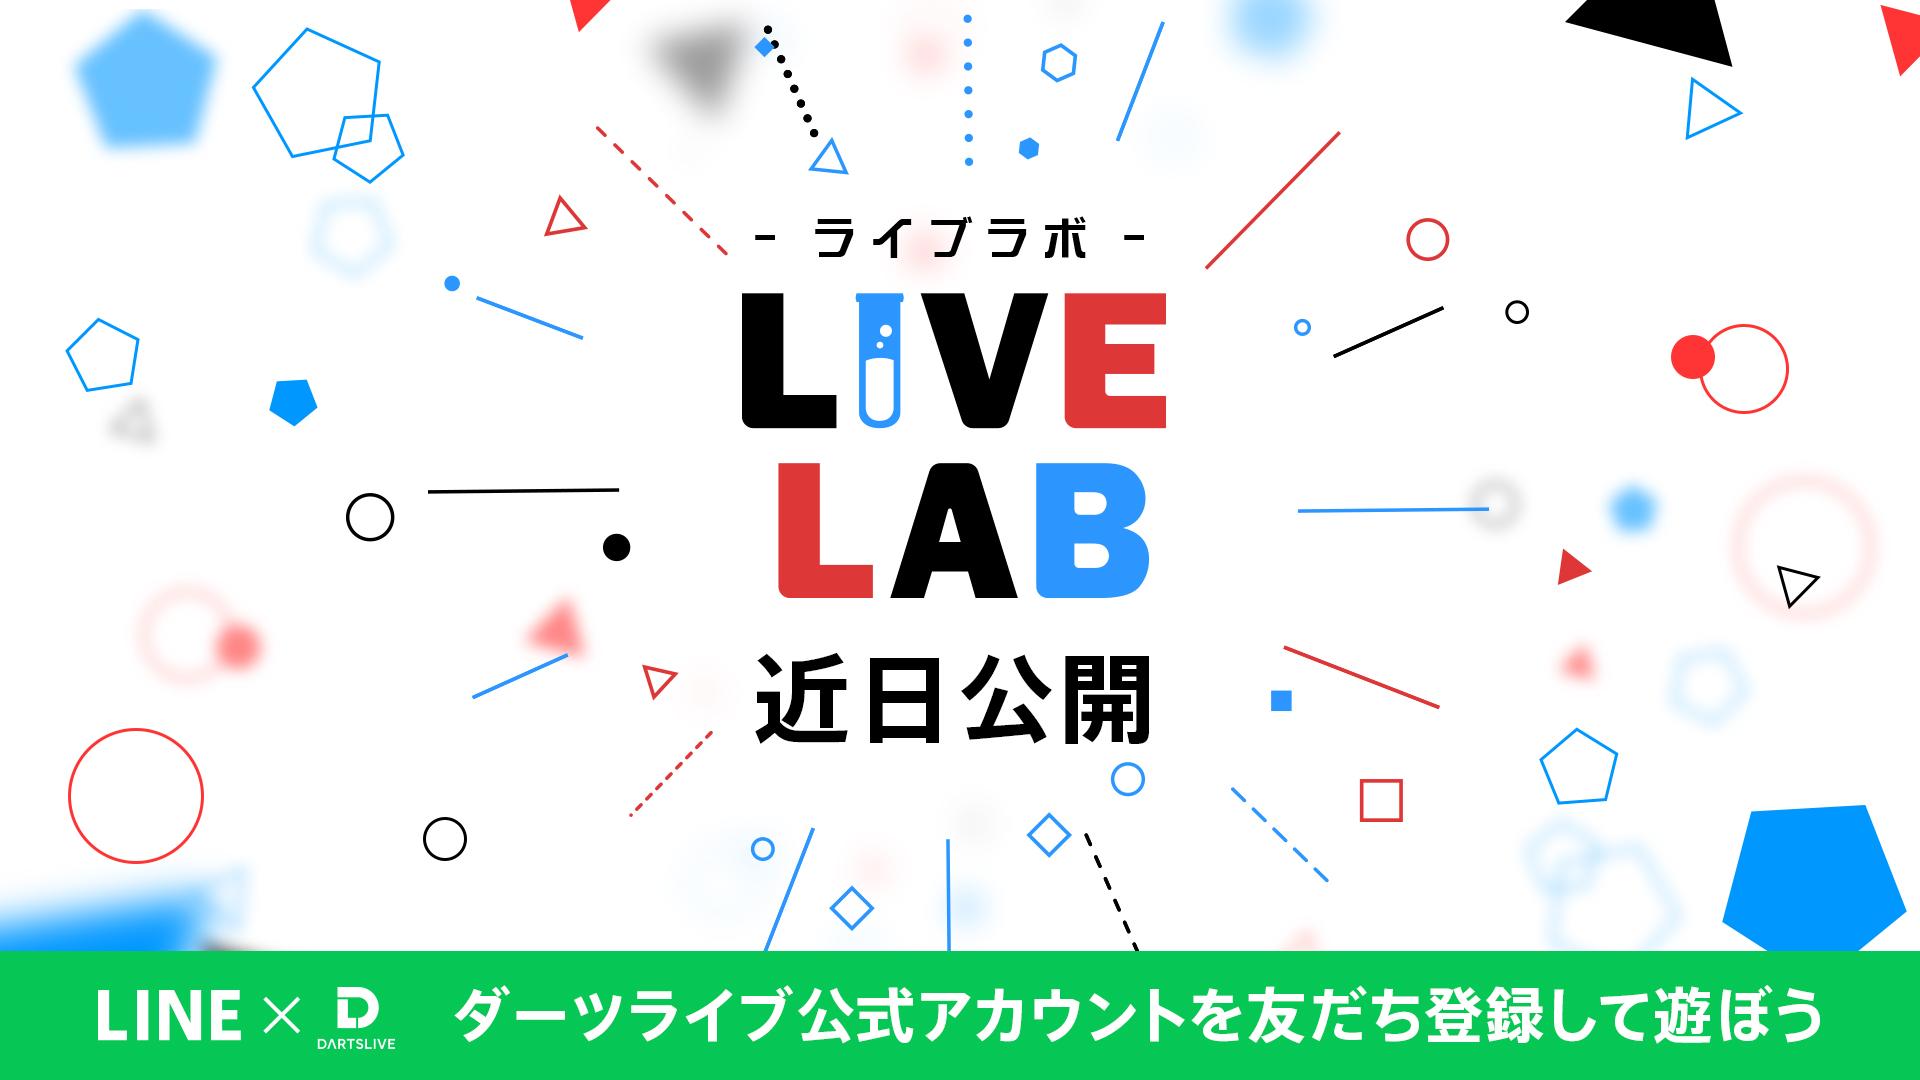 LIVE LAB -ライブラボ- 近日公開